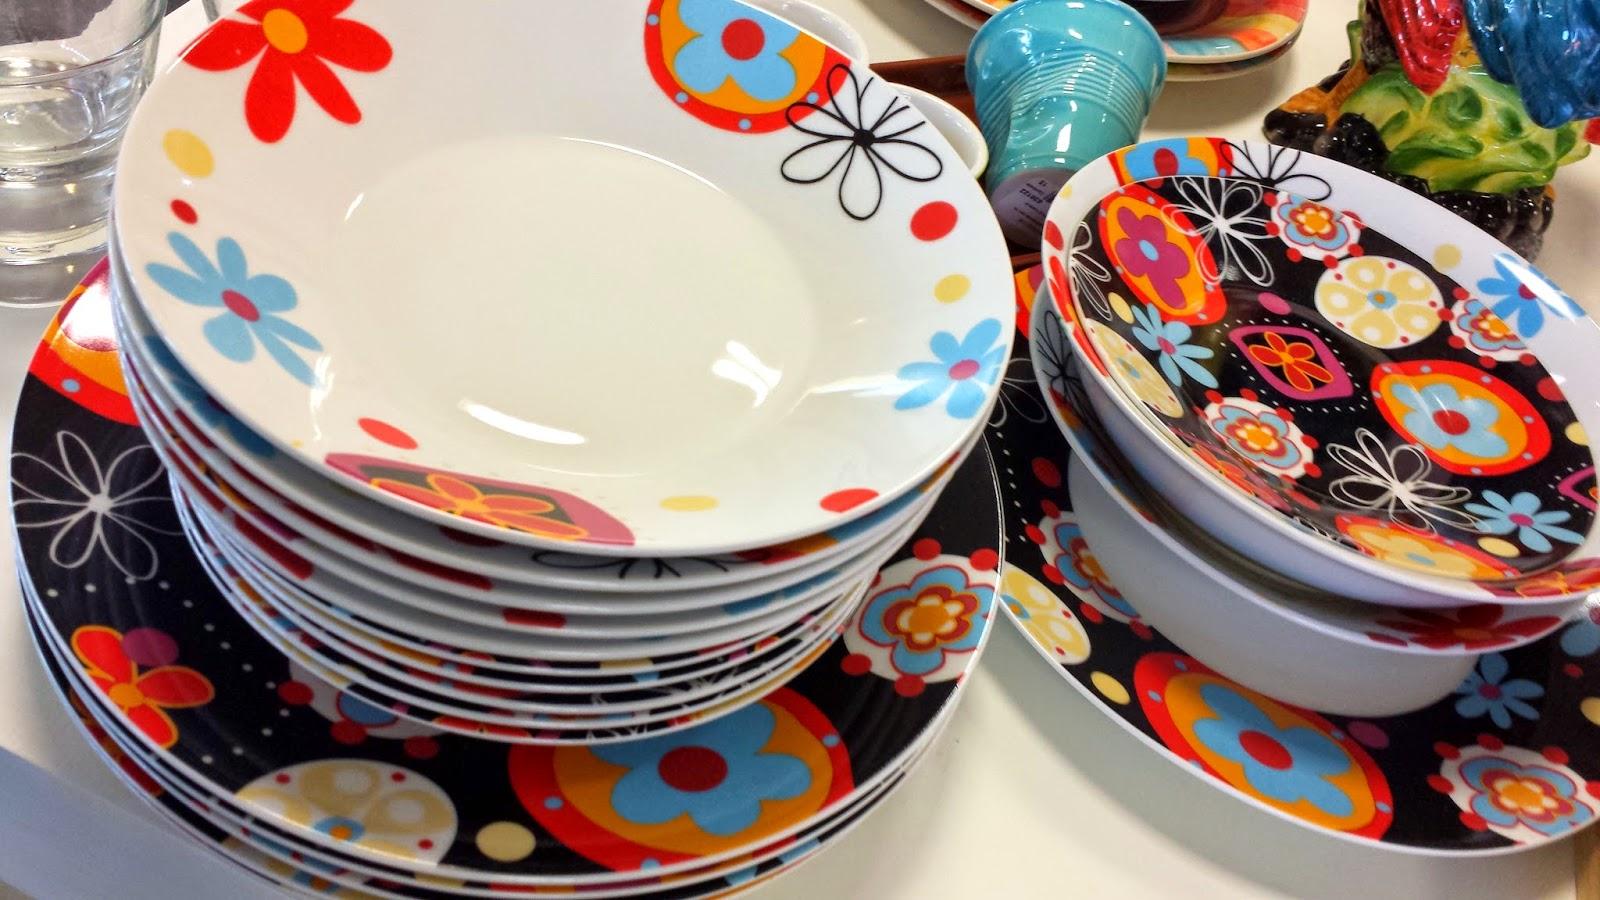 Servizio di piatti colorati for Piatti kasanova